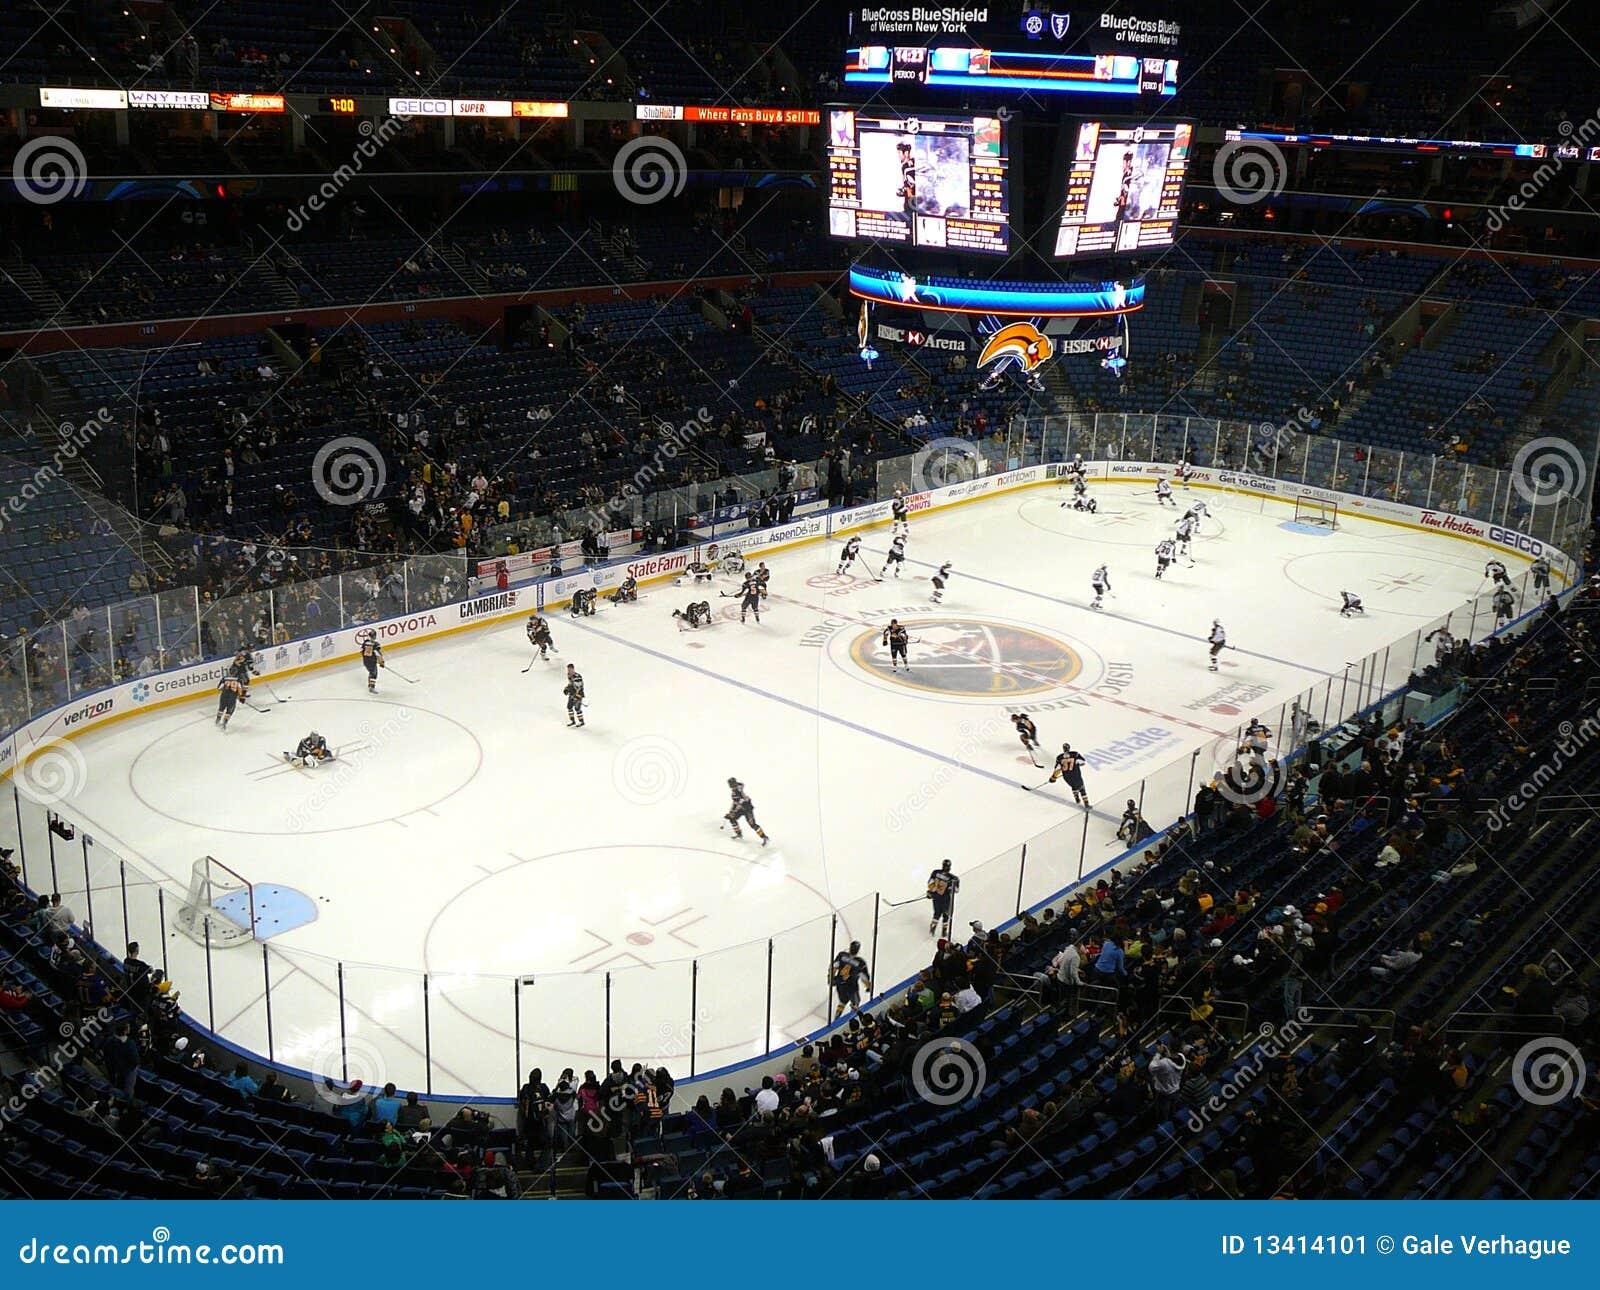 Nhl-Hockey